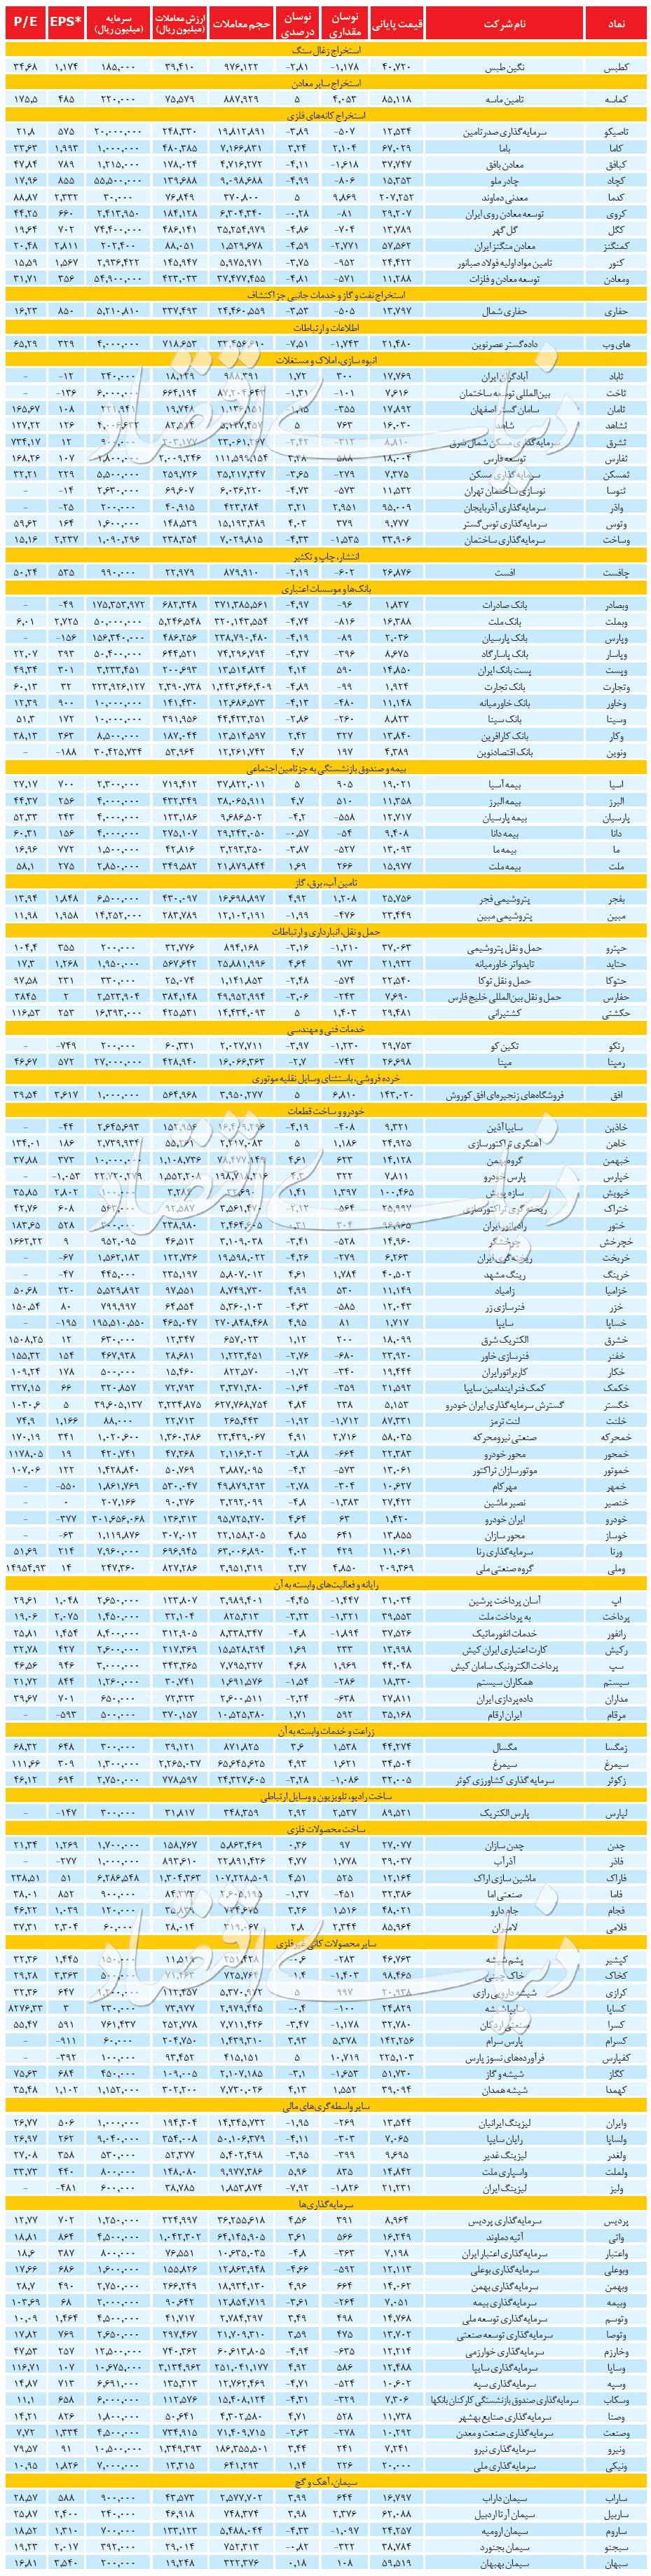 آمار روزانه بازار سهام / ۱ خرداد ۱۳۹۹